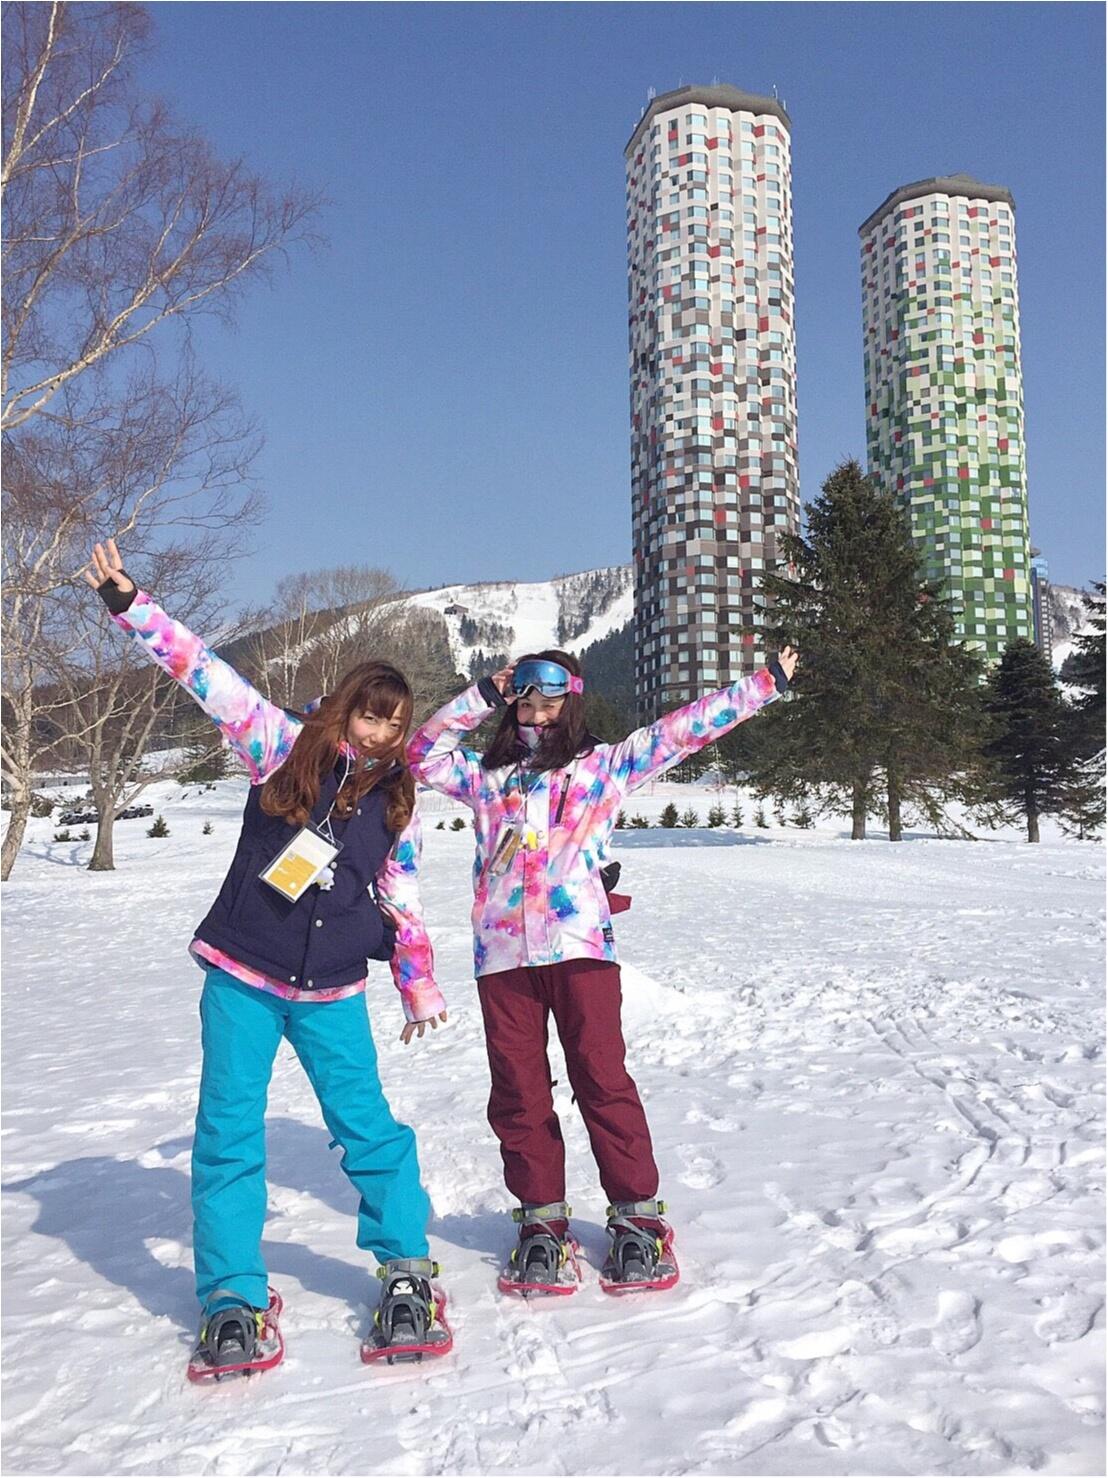 《街歩き服で氷のリゾートへ突撃!!》「星野リゾート リゾナーレトマム」が提案する「雪ガールステイ」で快適・便利・楽しい!女子旅をしよう♡_6